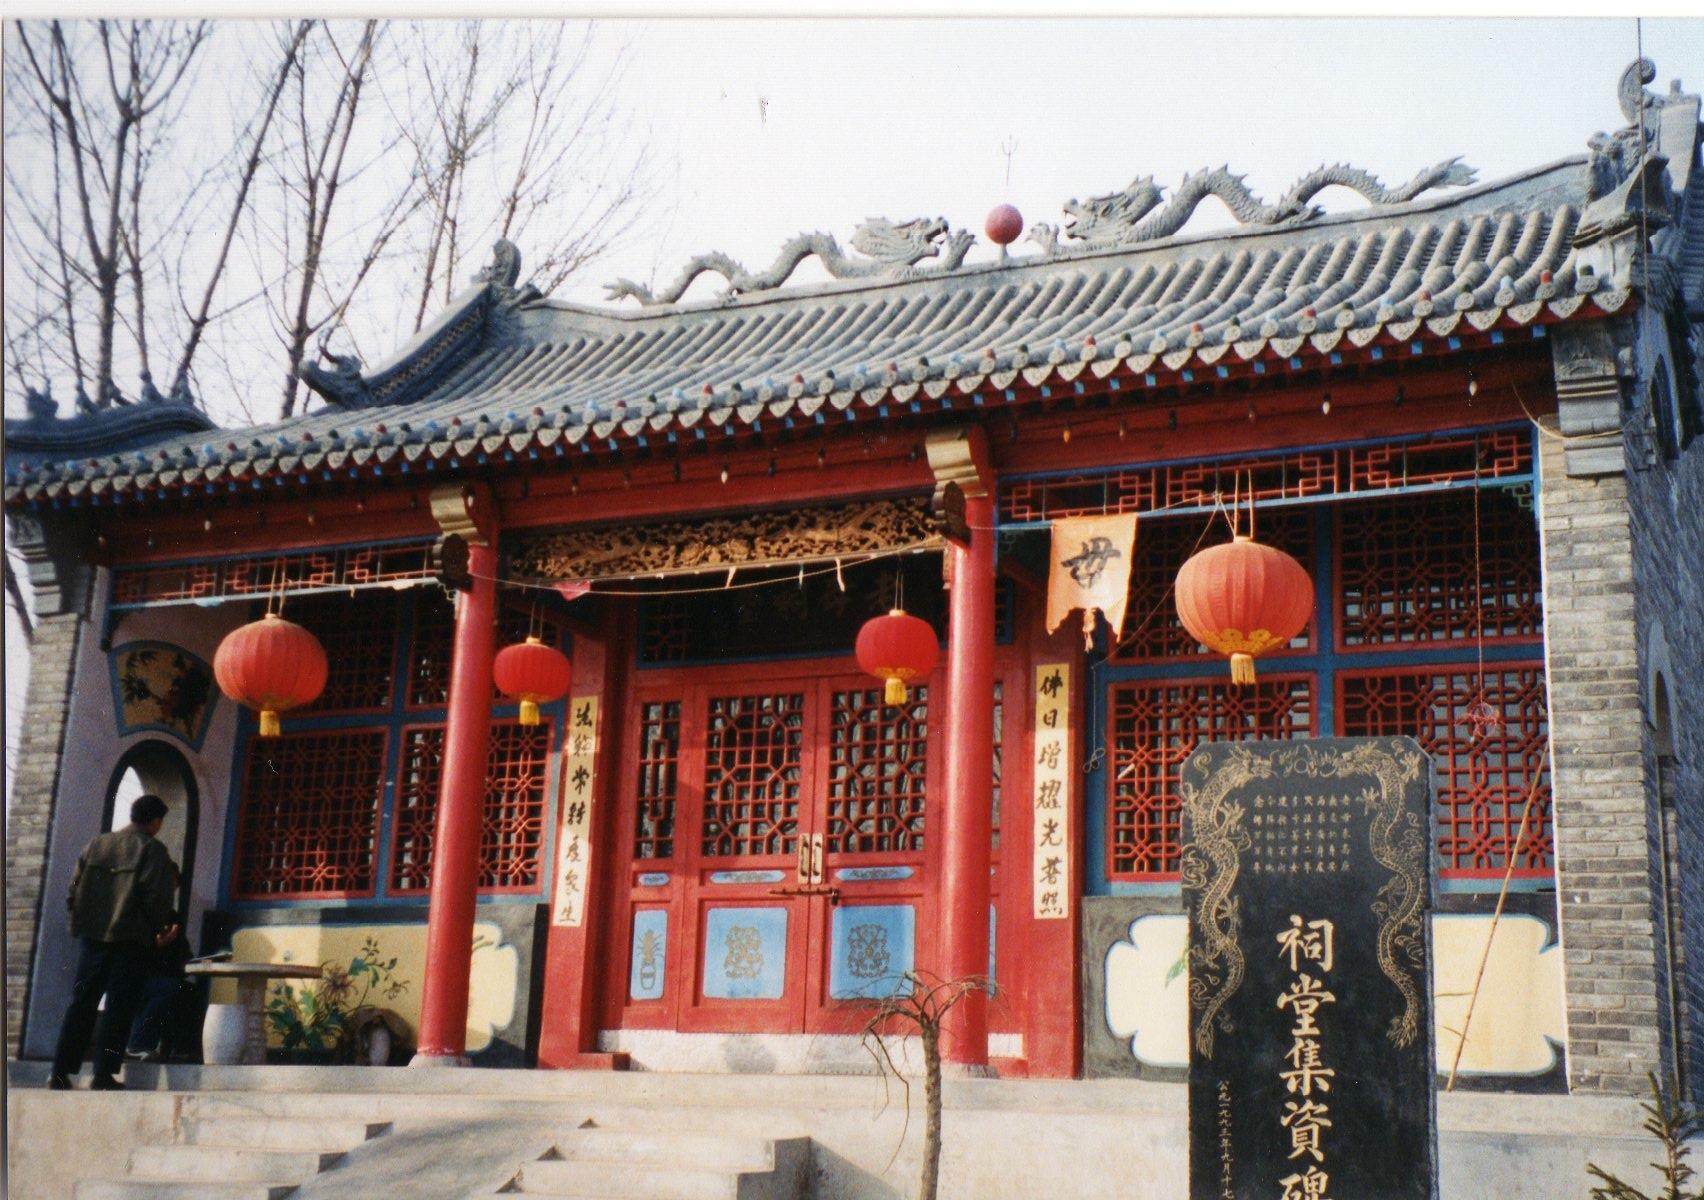 Gaozhuang citang